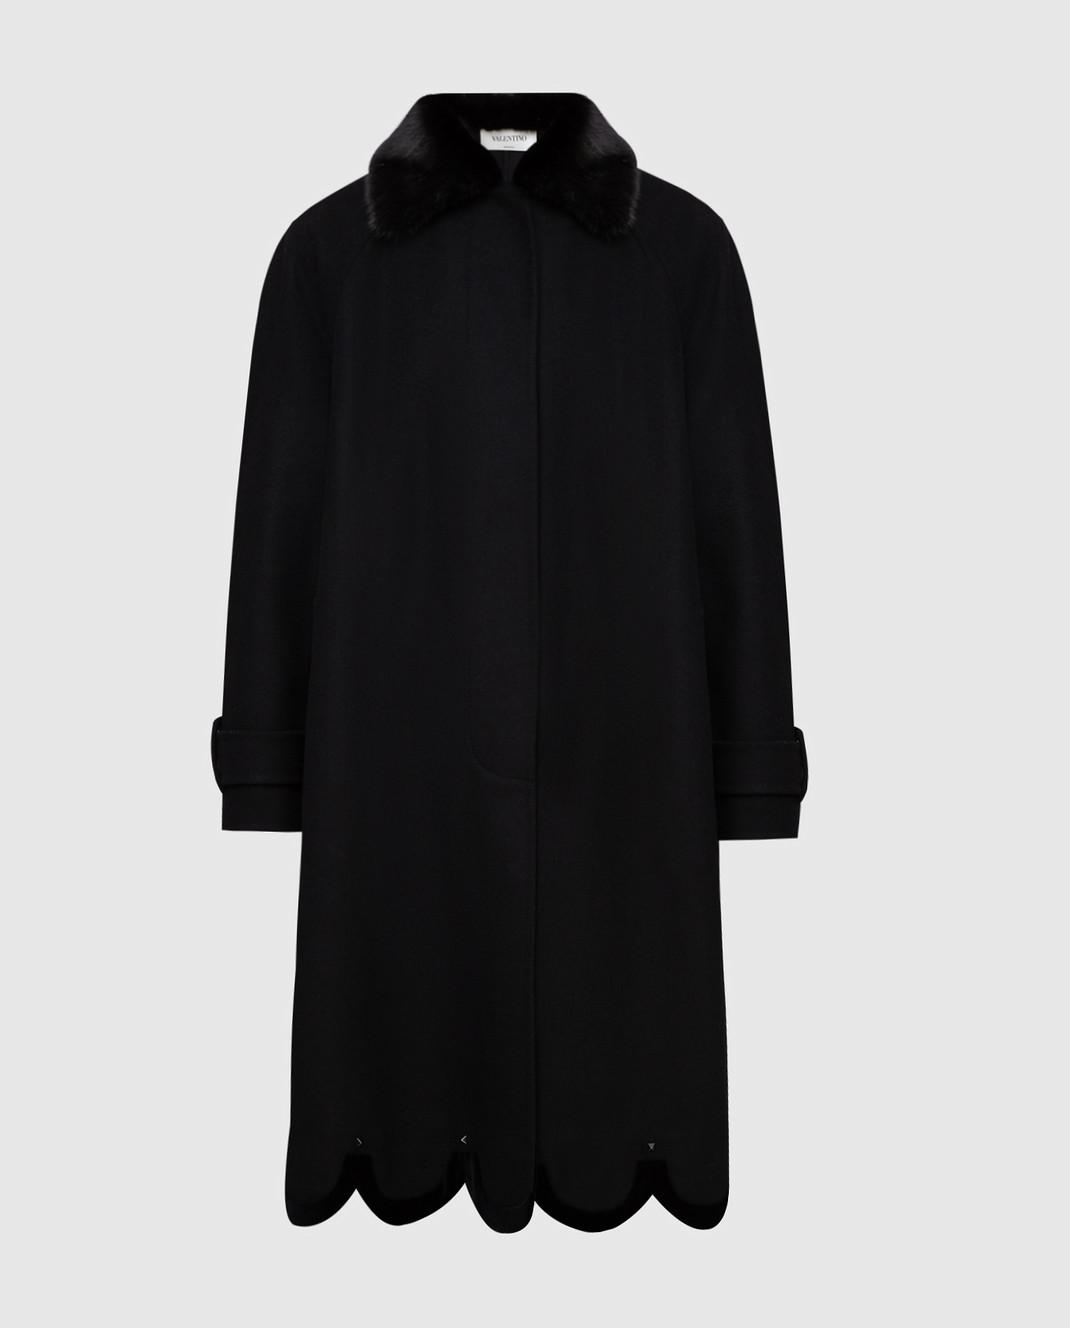 Valentino Черное пальто из шерсти с мехом норки QB3CA2Q51CJ